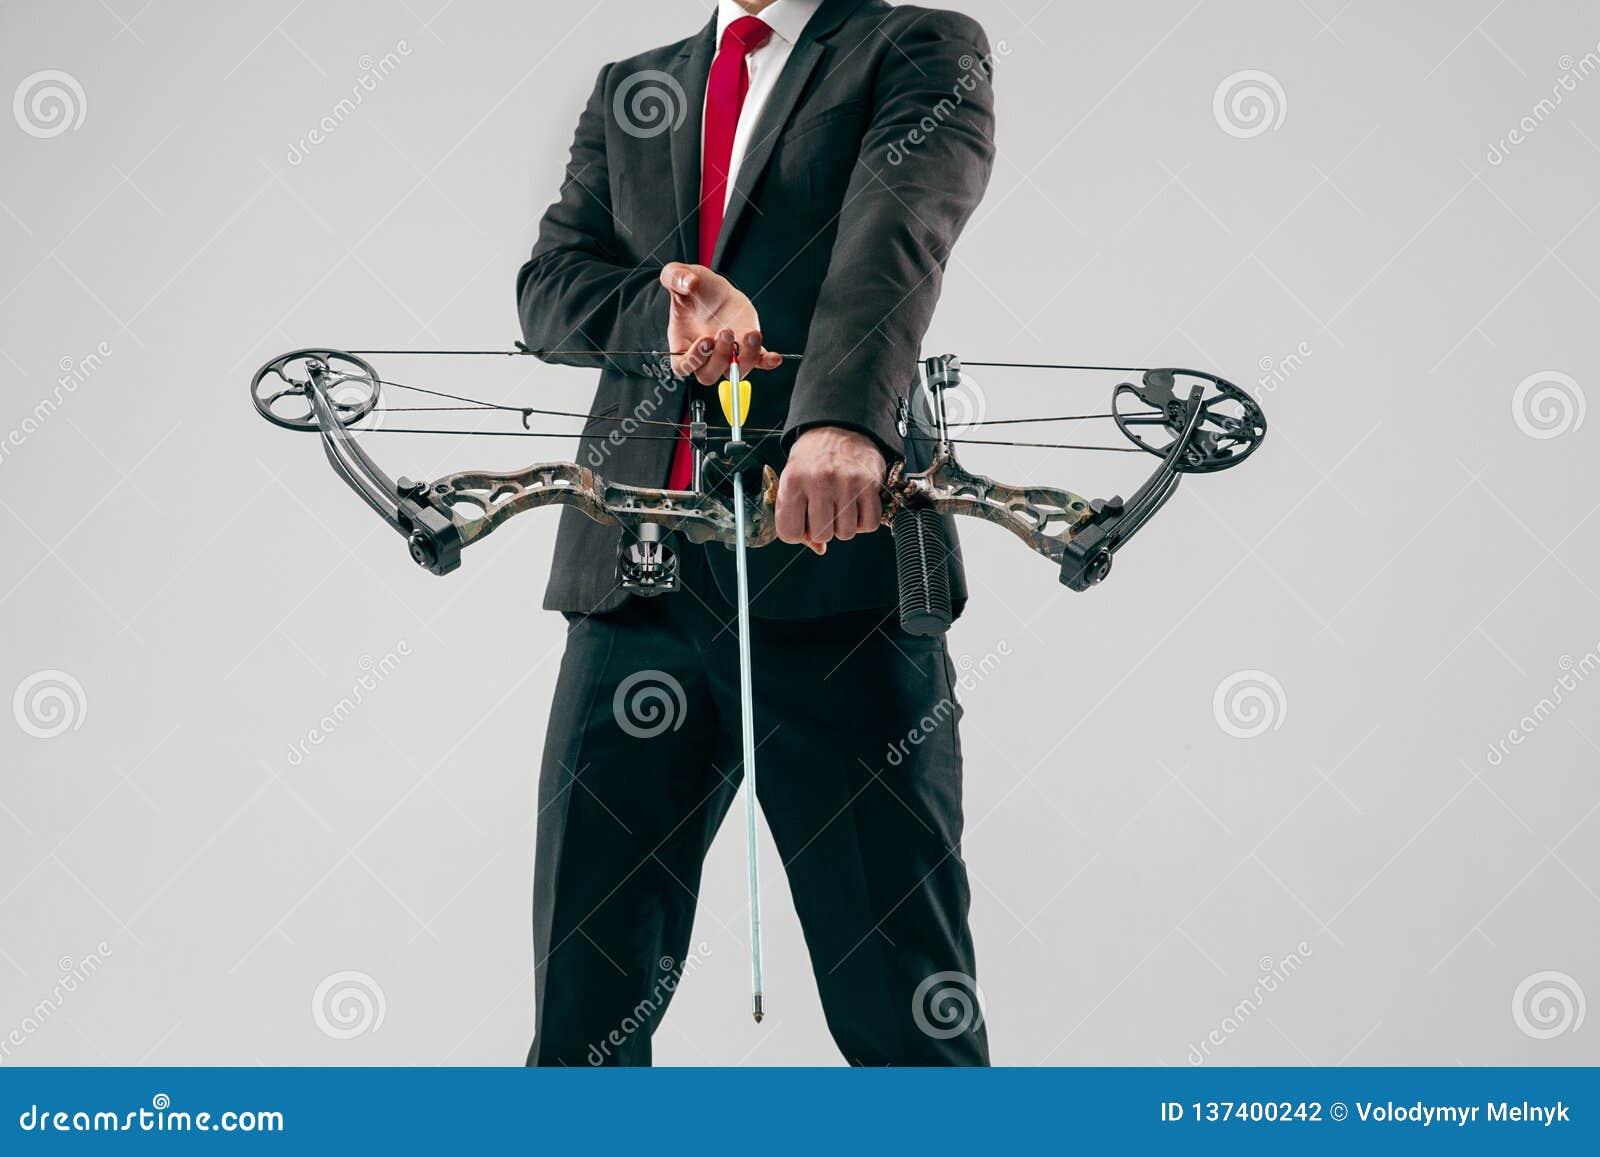 Geschäftsmann, der Ziel mit dem Pfeil und Bogen, lokalisiert auf weißem Hintergrund anstrebt